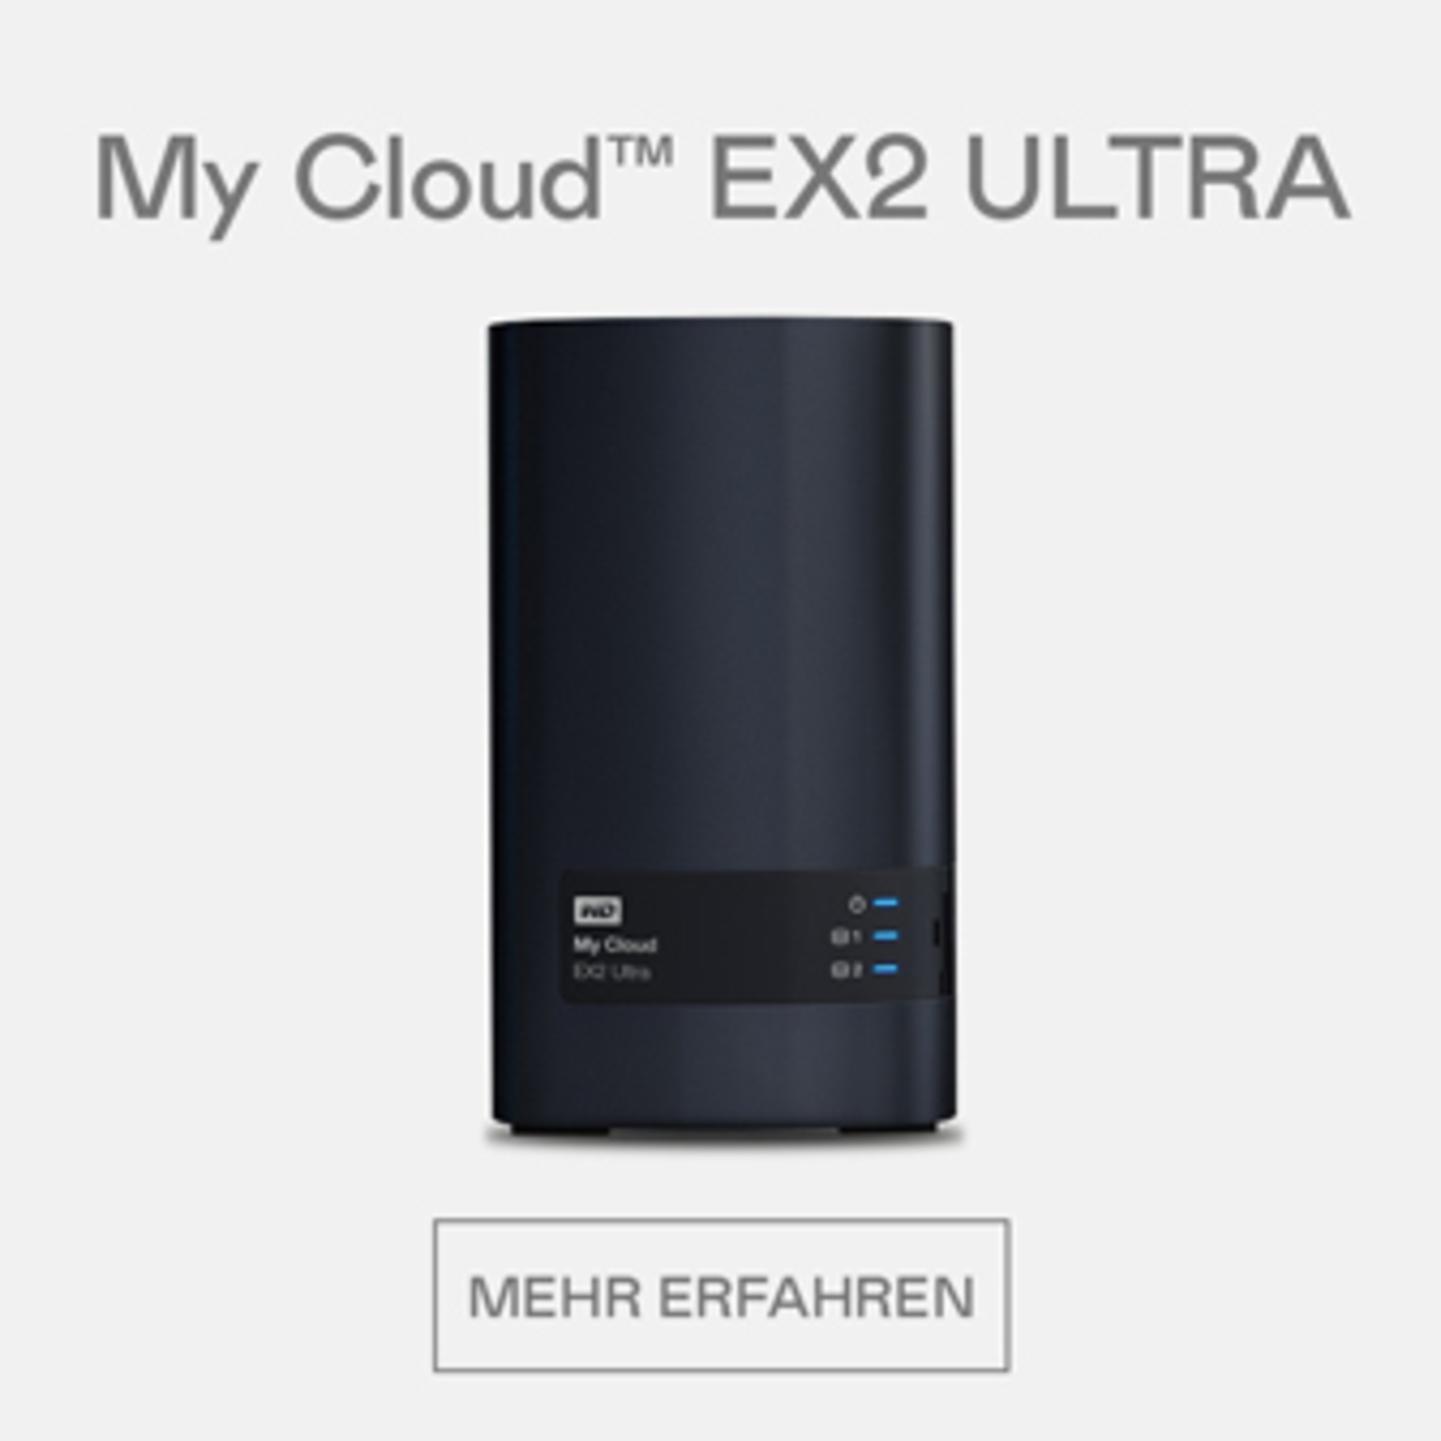 My Cloud EX2 Ultra